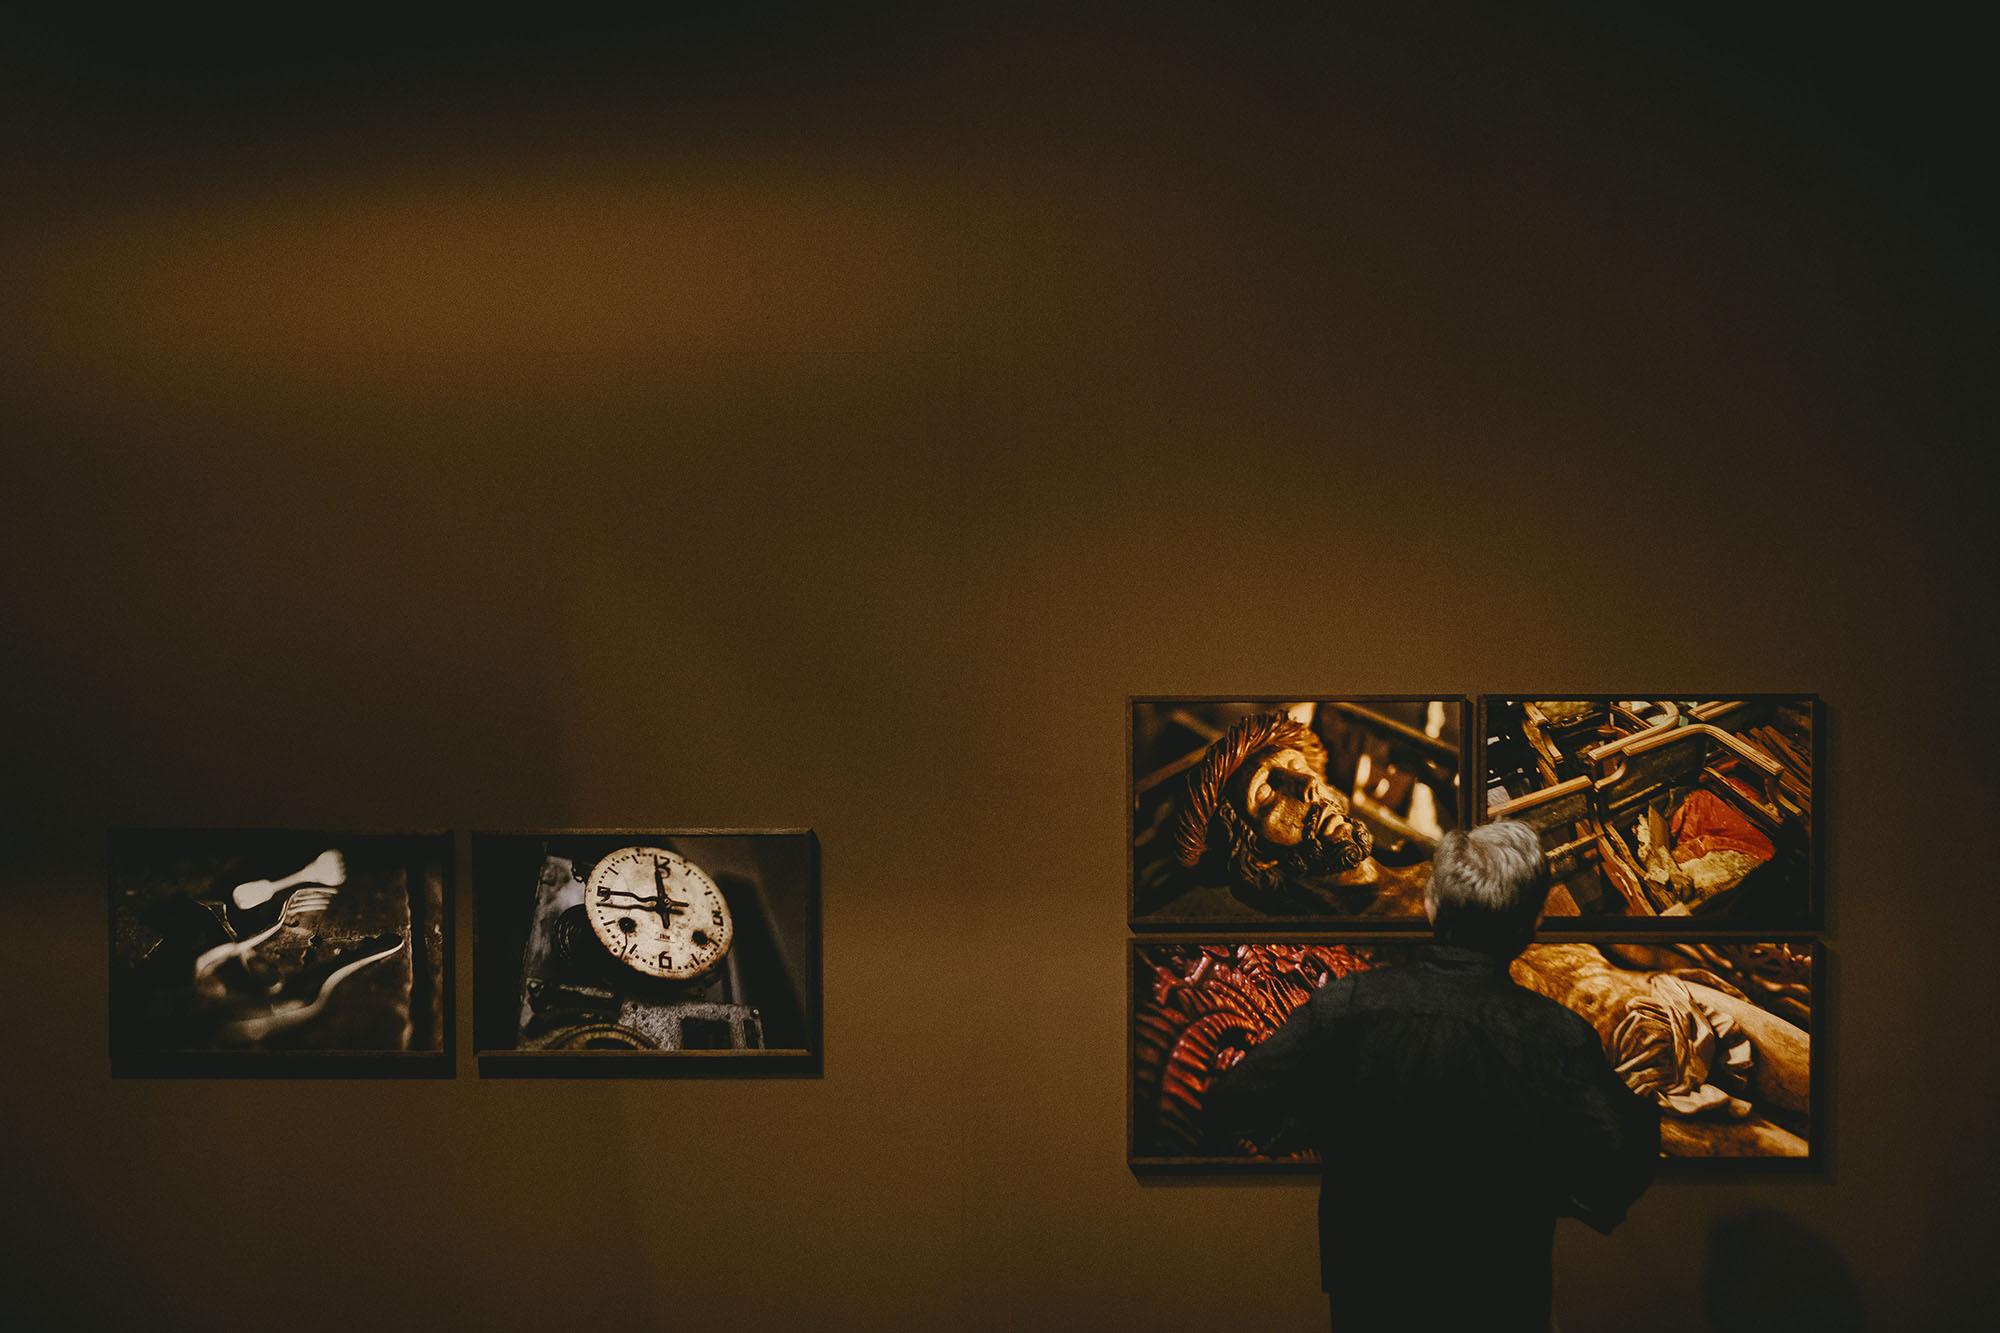 Visões-de-um-poema-sujo : exposição-lançamento-livro : Márcio Vasconcelos : Gustavo Semeghini : Blog -019.jpg